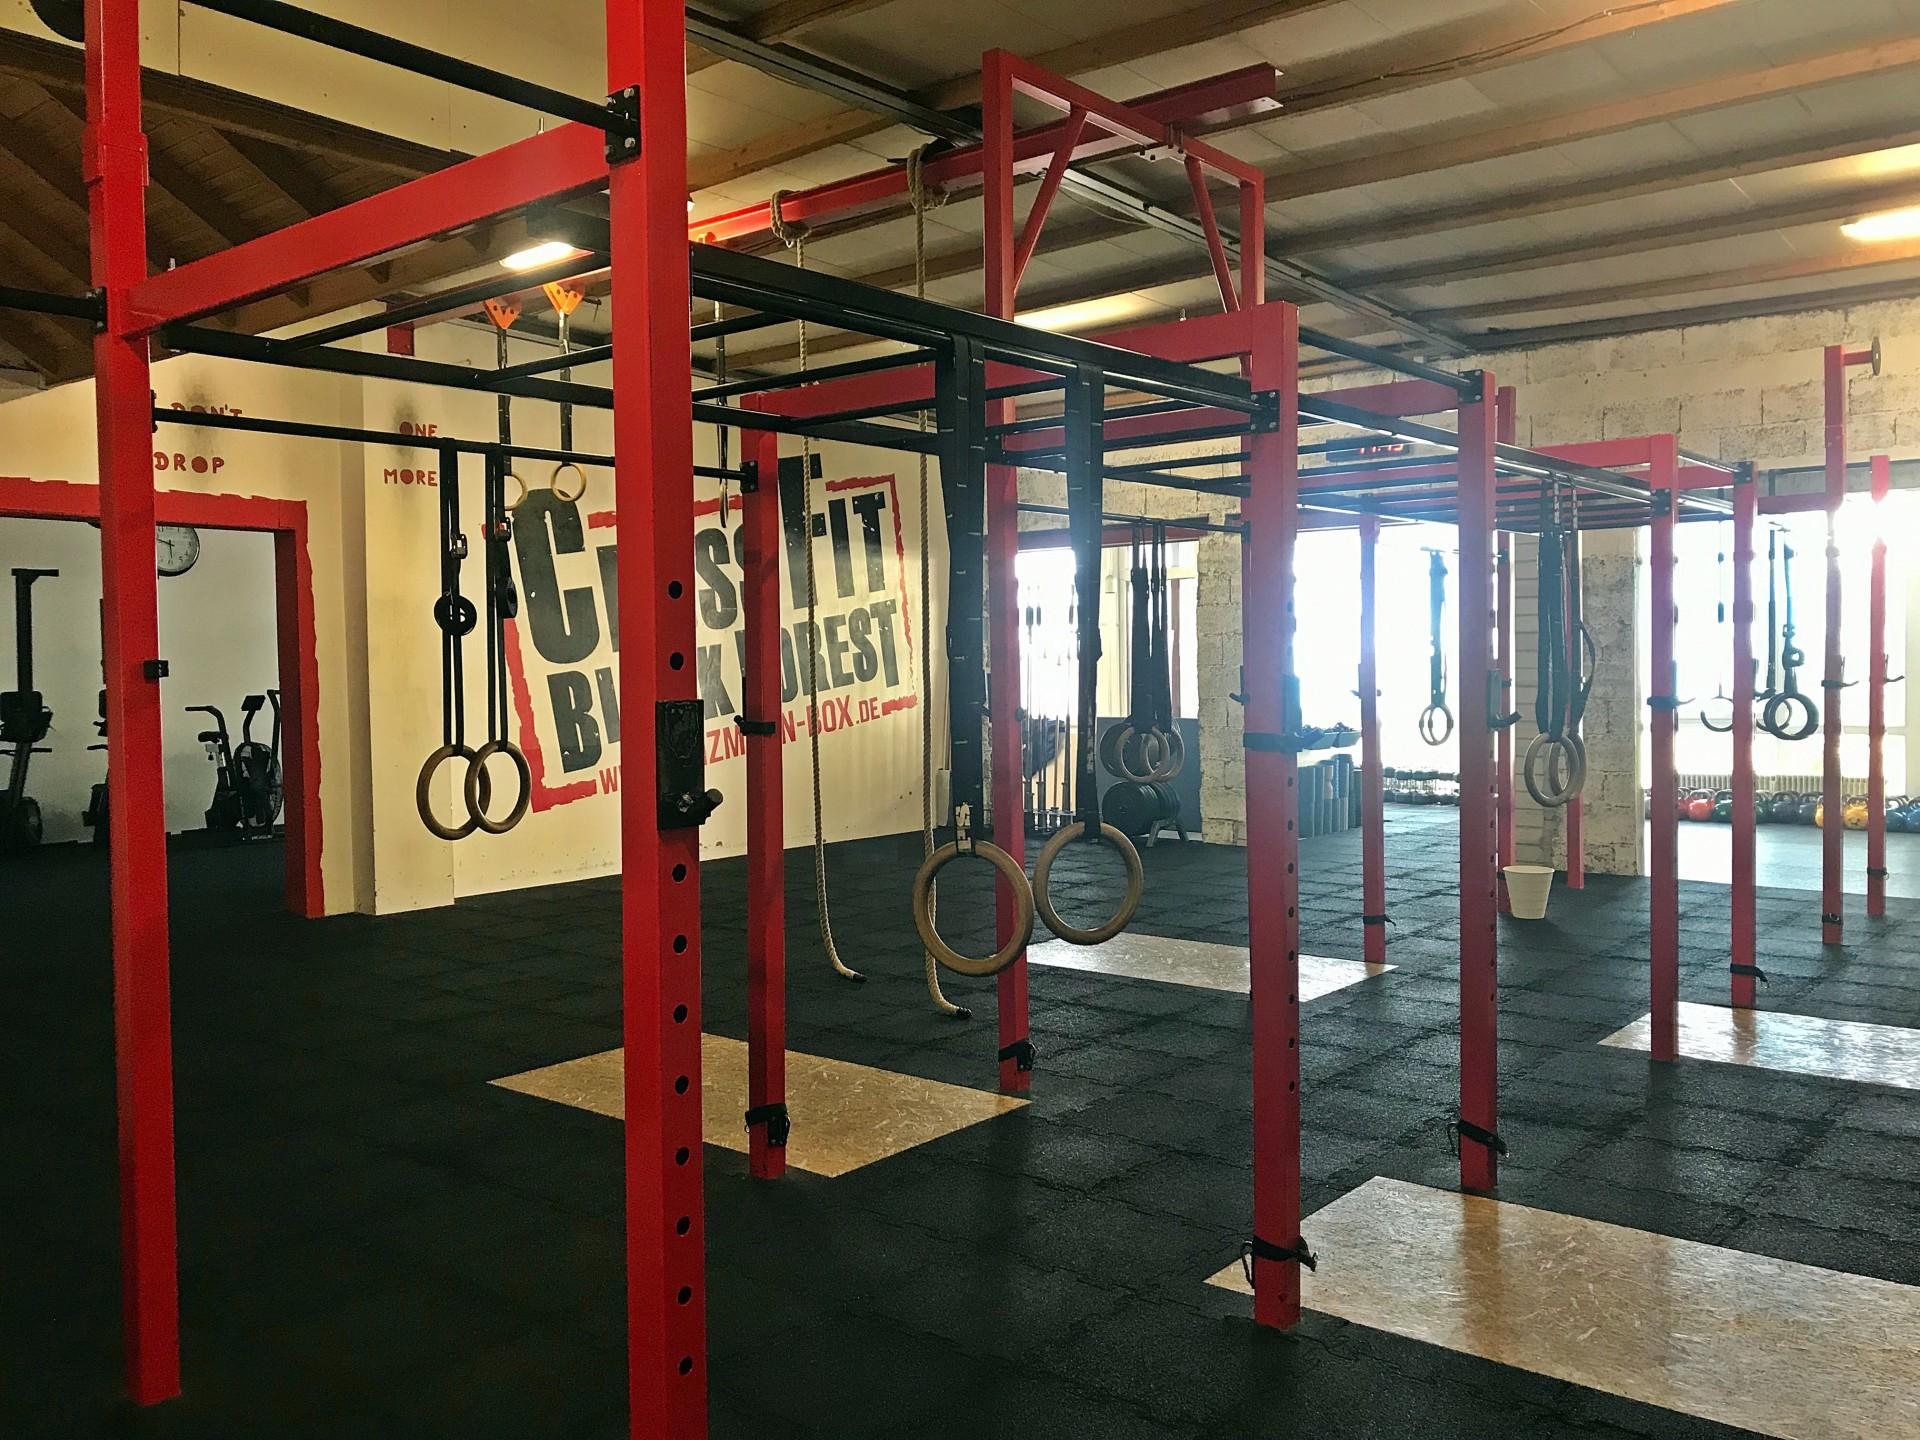 Großer WOD Raum mit Ringen und Seilen zum Trainieren.